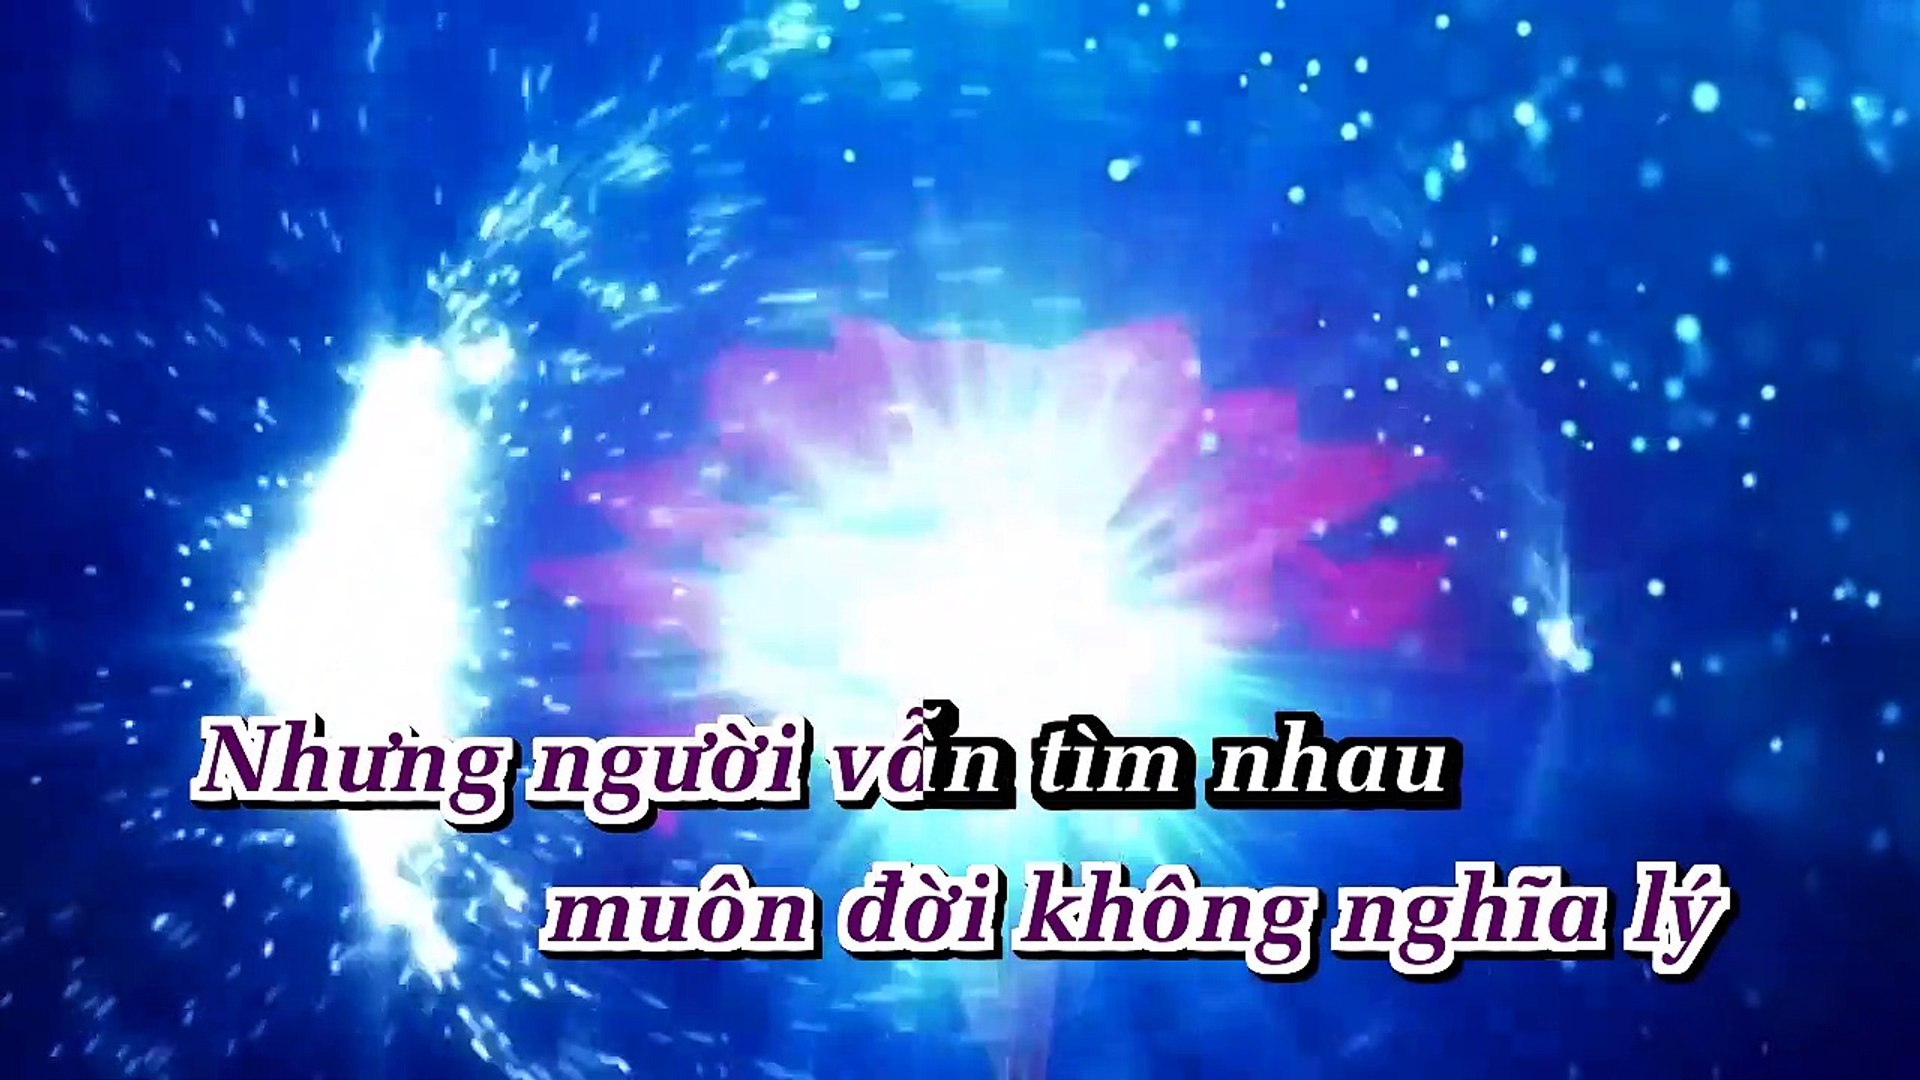 [Karaoke] Mùa Đông Của Anh - Minh Tuyết Ft. Bằng Kiều [Beat]